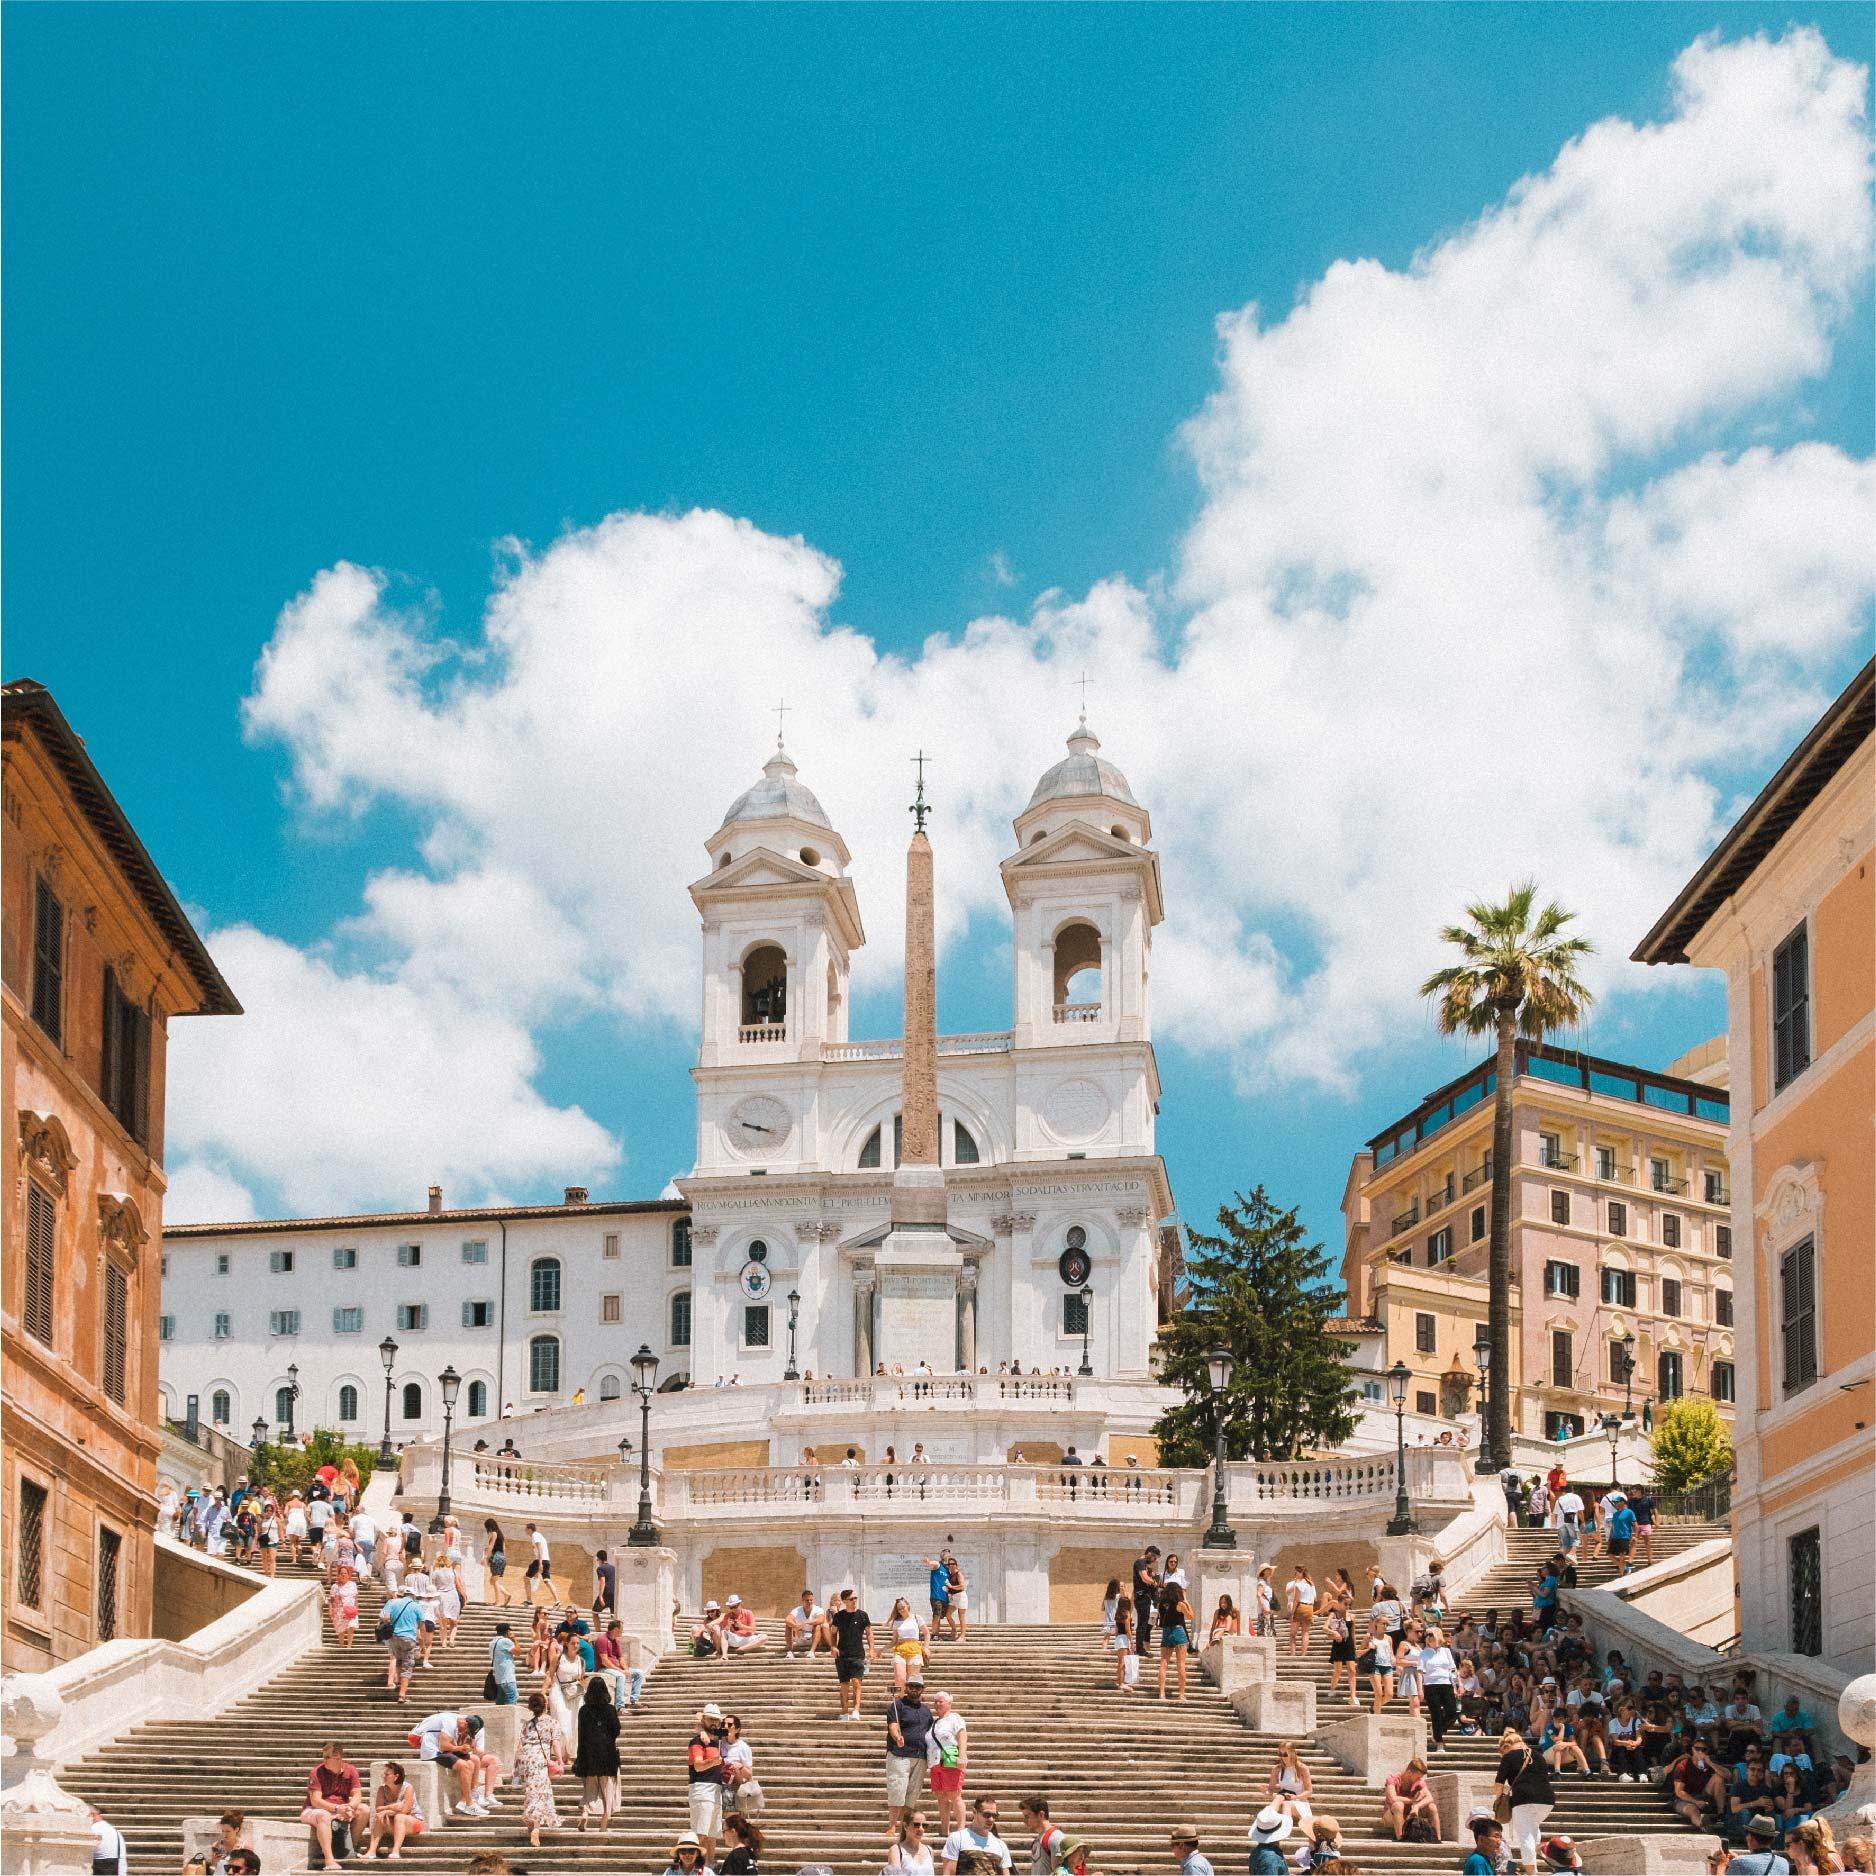 意大利建筑与Ferrara产品封面_画板 1 副本 4.jpg